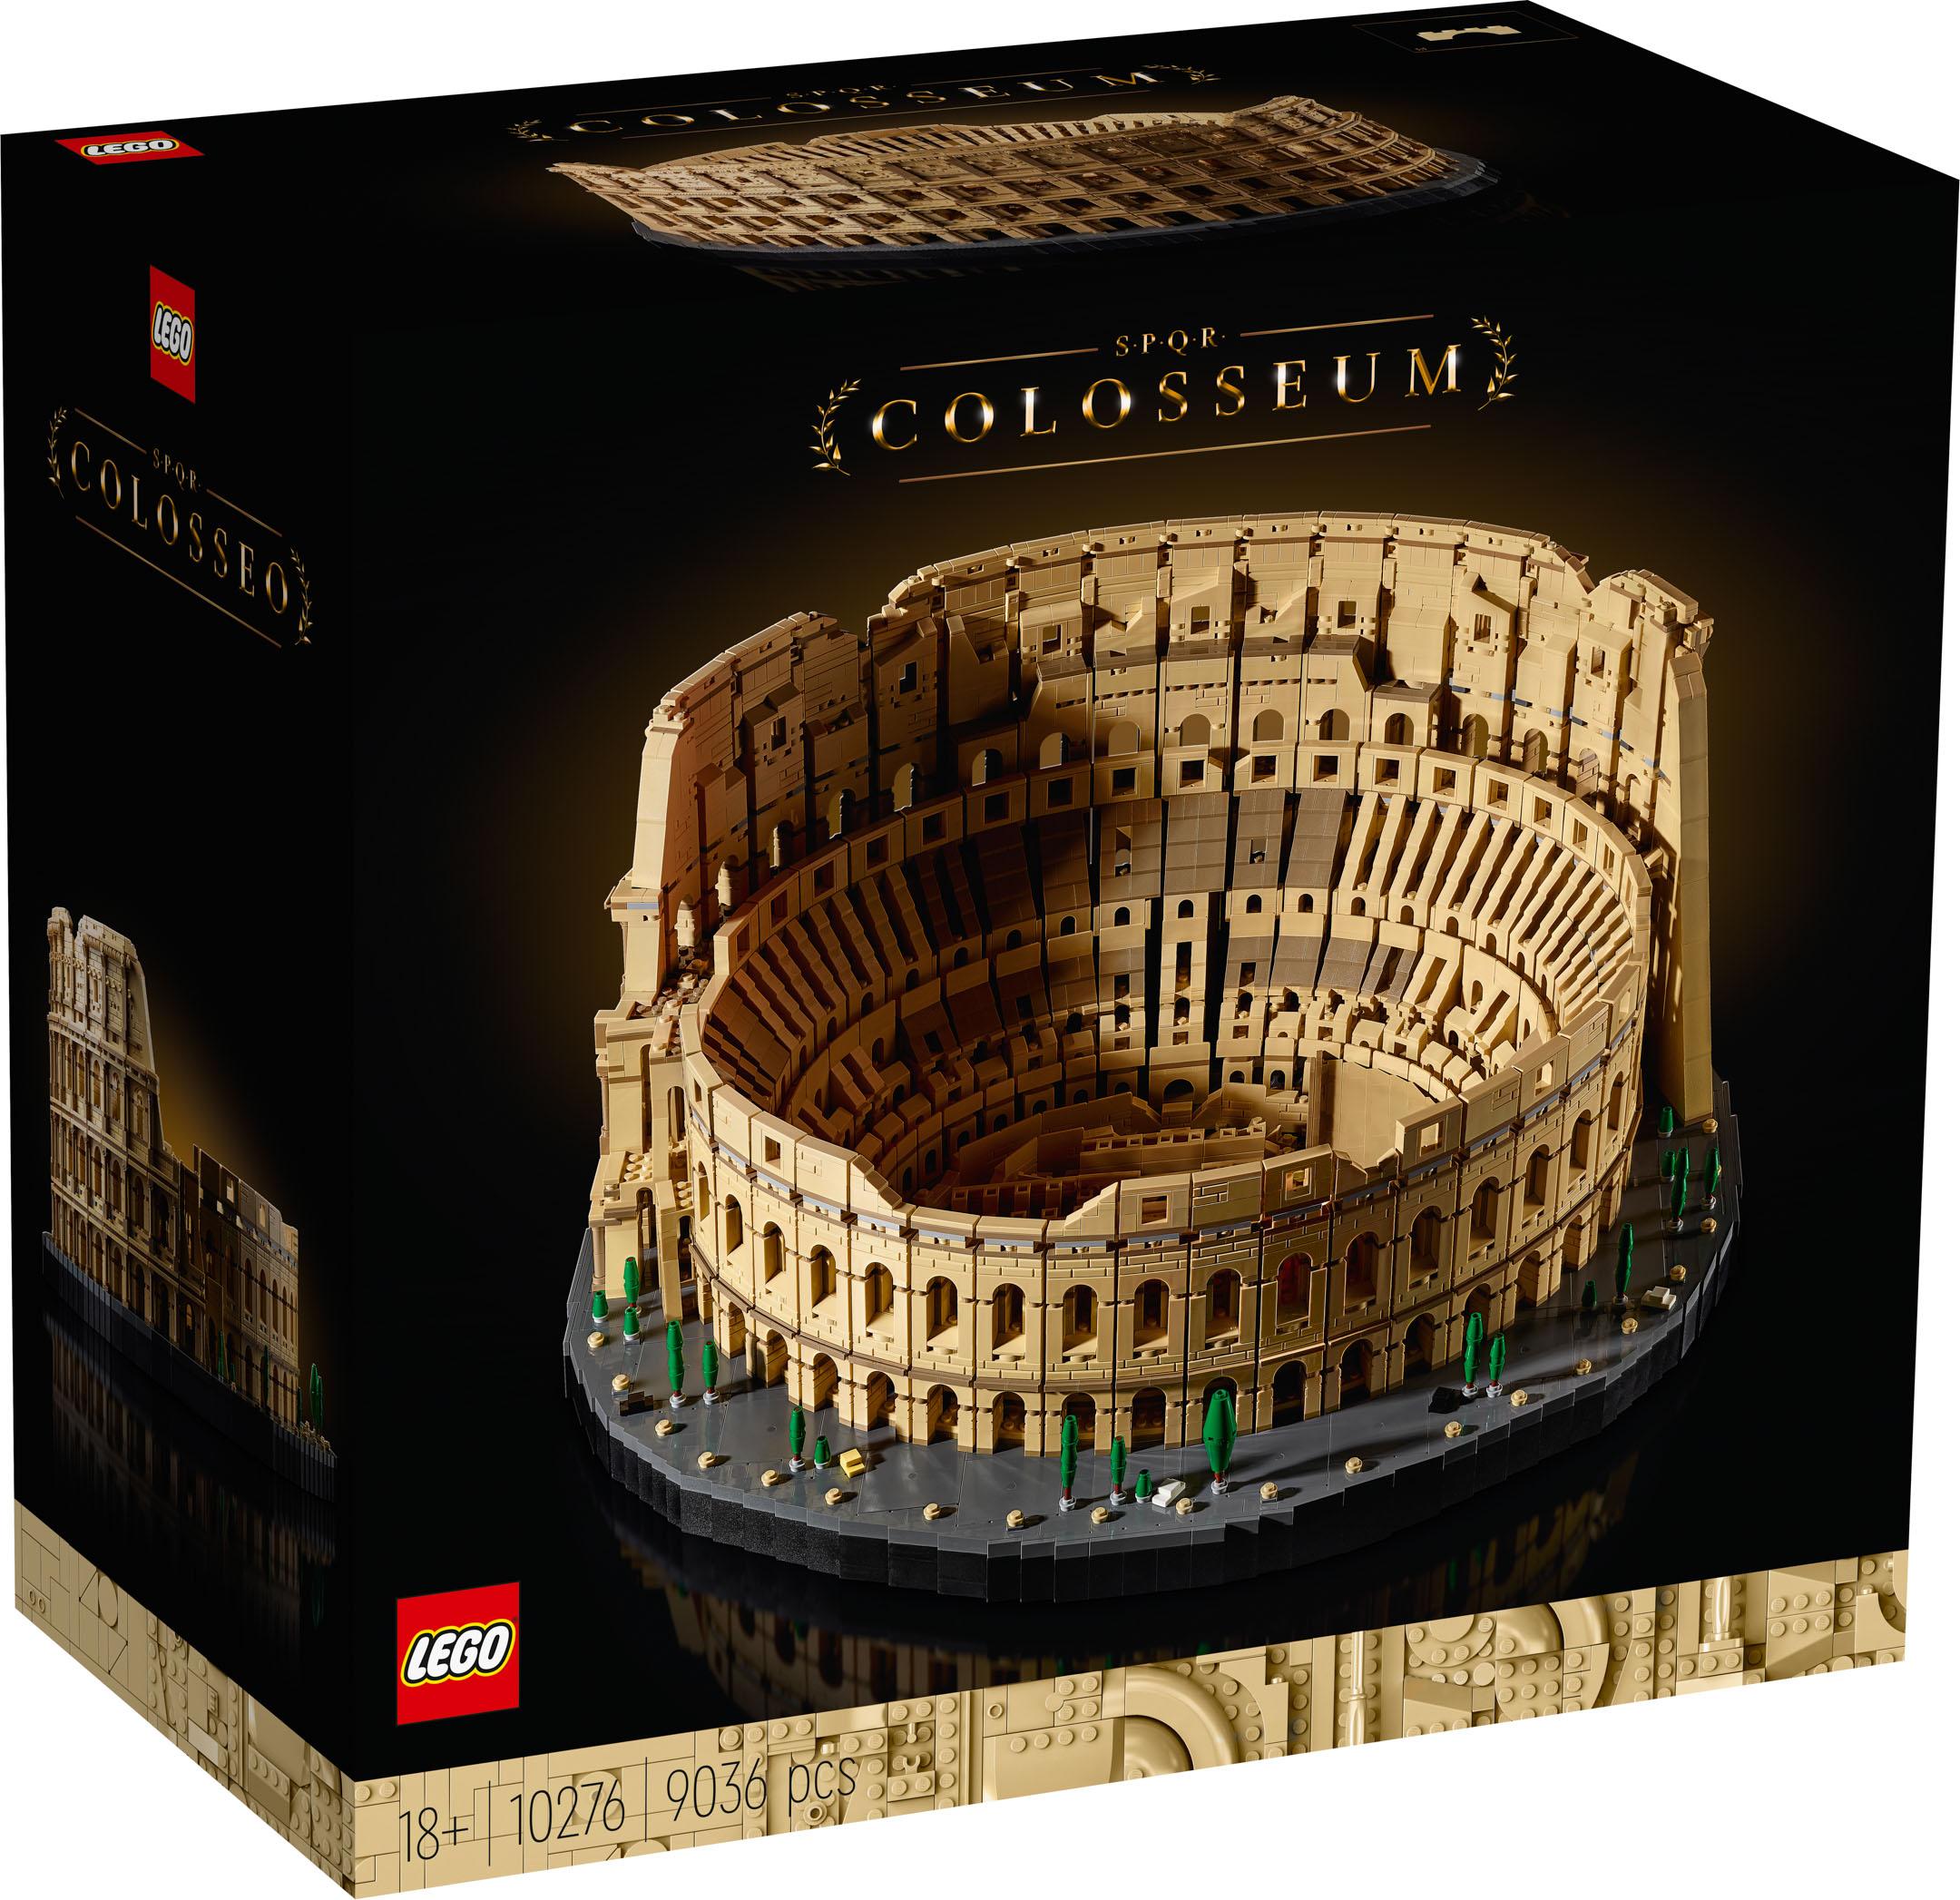 LEGO Creator Expert 10276 Colosseum - 9IR57-19 | The ...